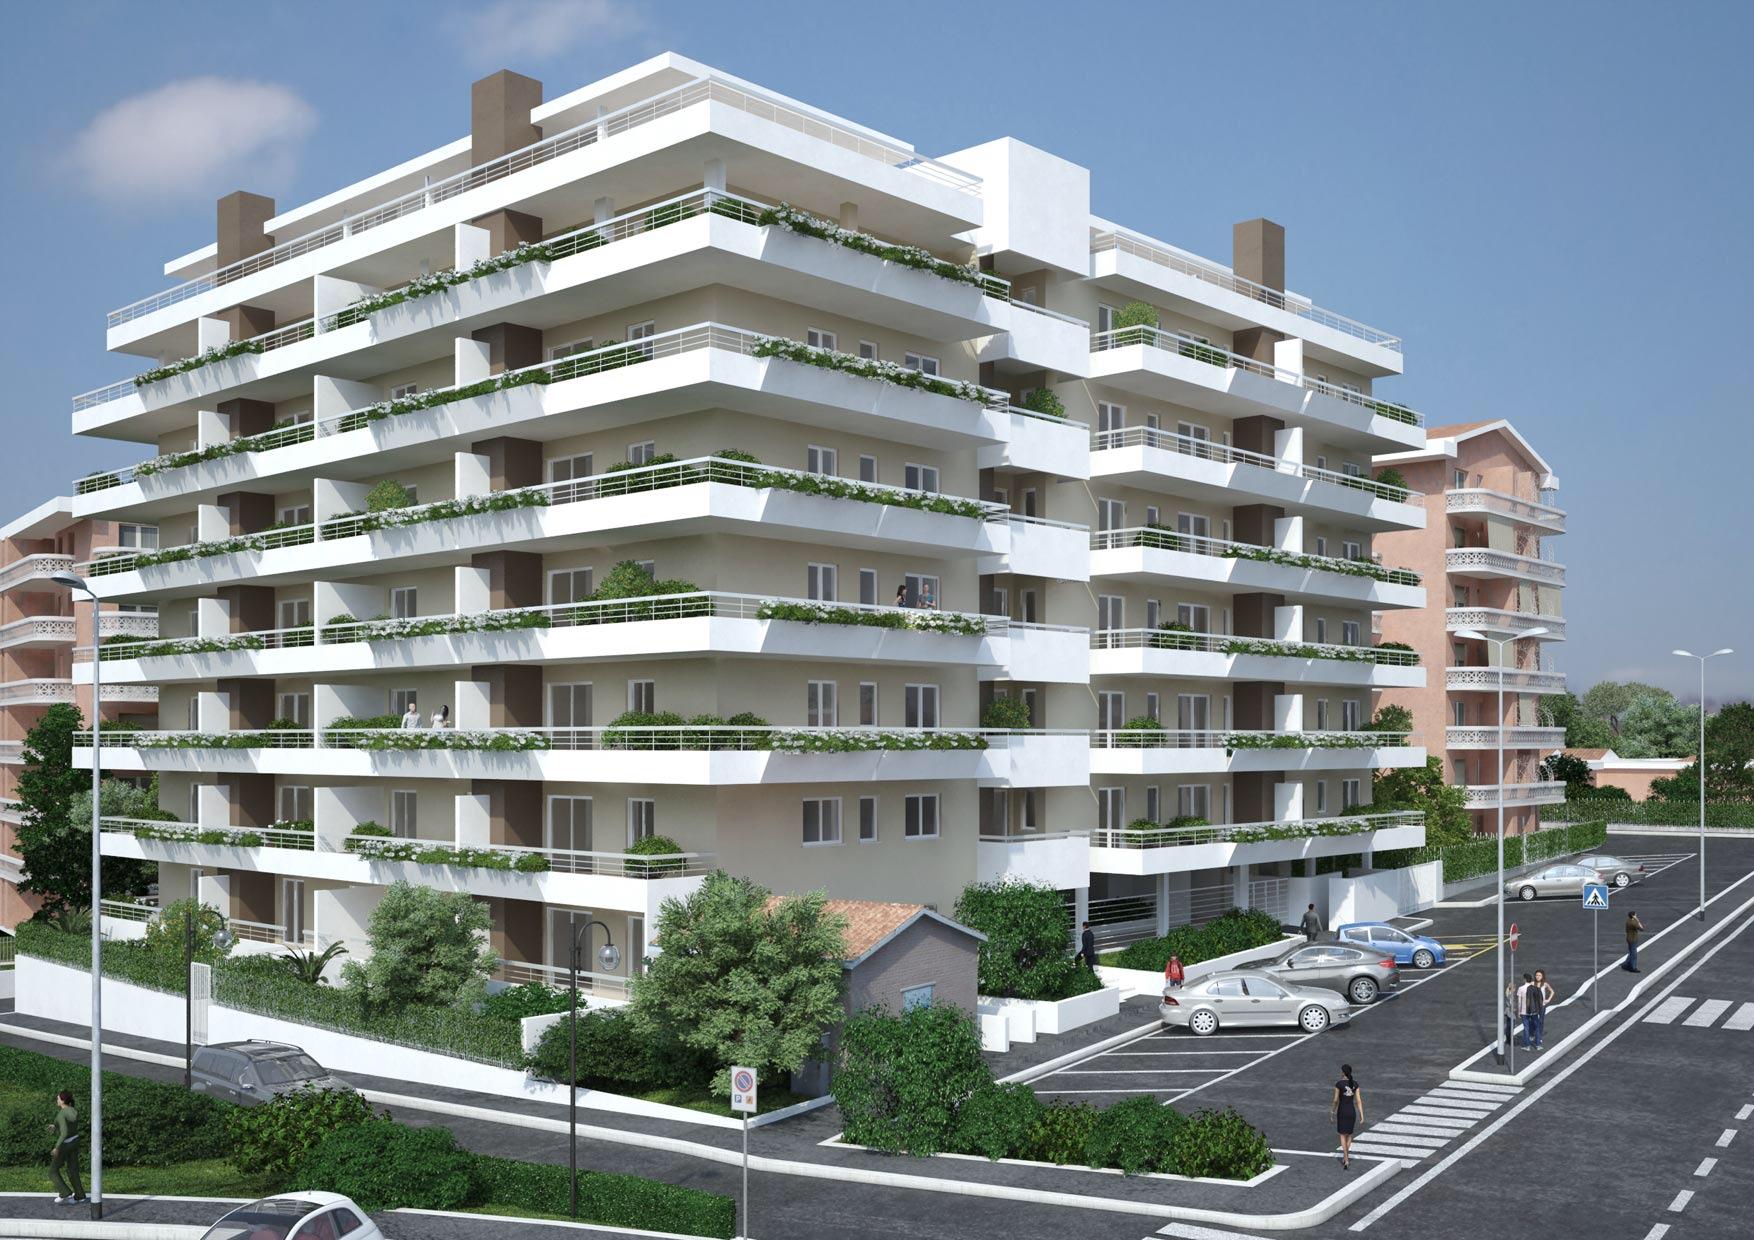 Casal boccone bufalotta roma abc re for Appartamenti vendita roma